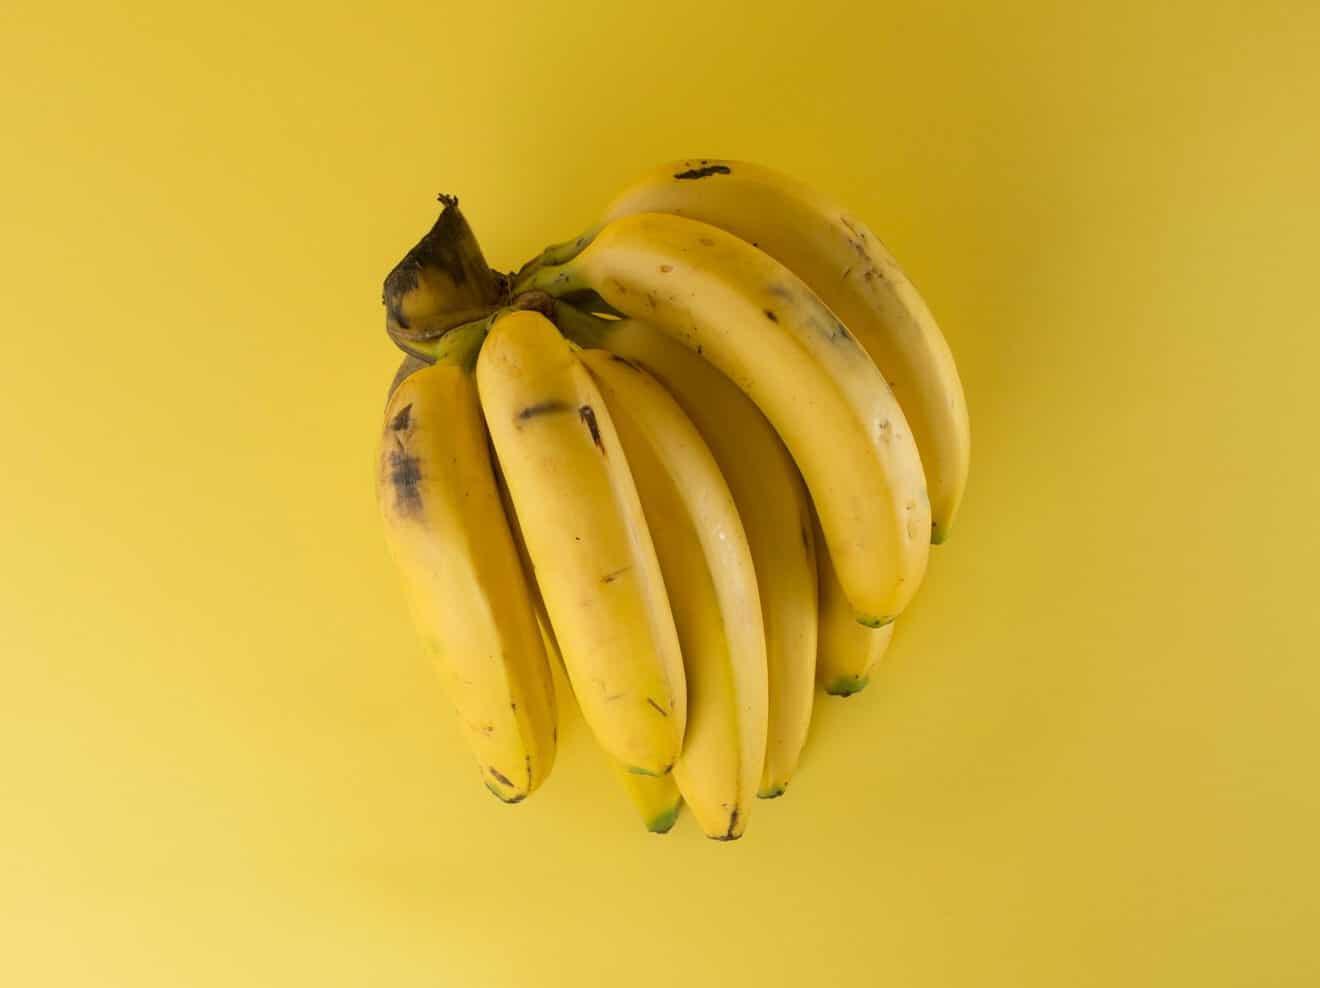 banaanin-terveyshyodyt-Pur-kauppa